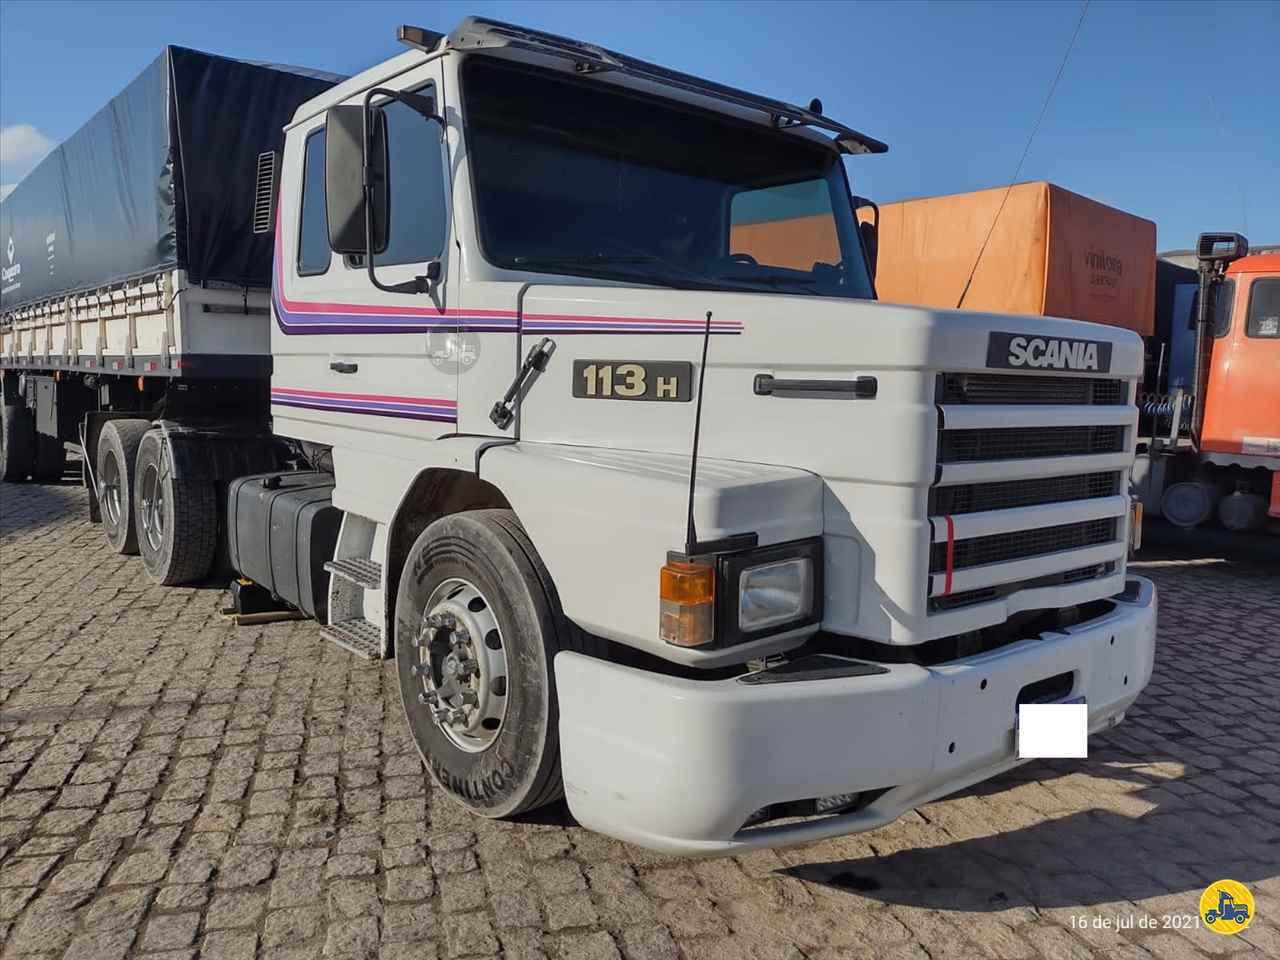 CAMINHAO SCANIA SCANIA 113 360 Graneleiro Truck 6x2 Transmap Caminhões SANTA ROSA RIO GRANDE DO SUL RS